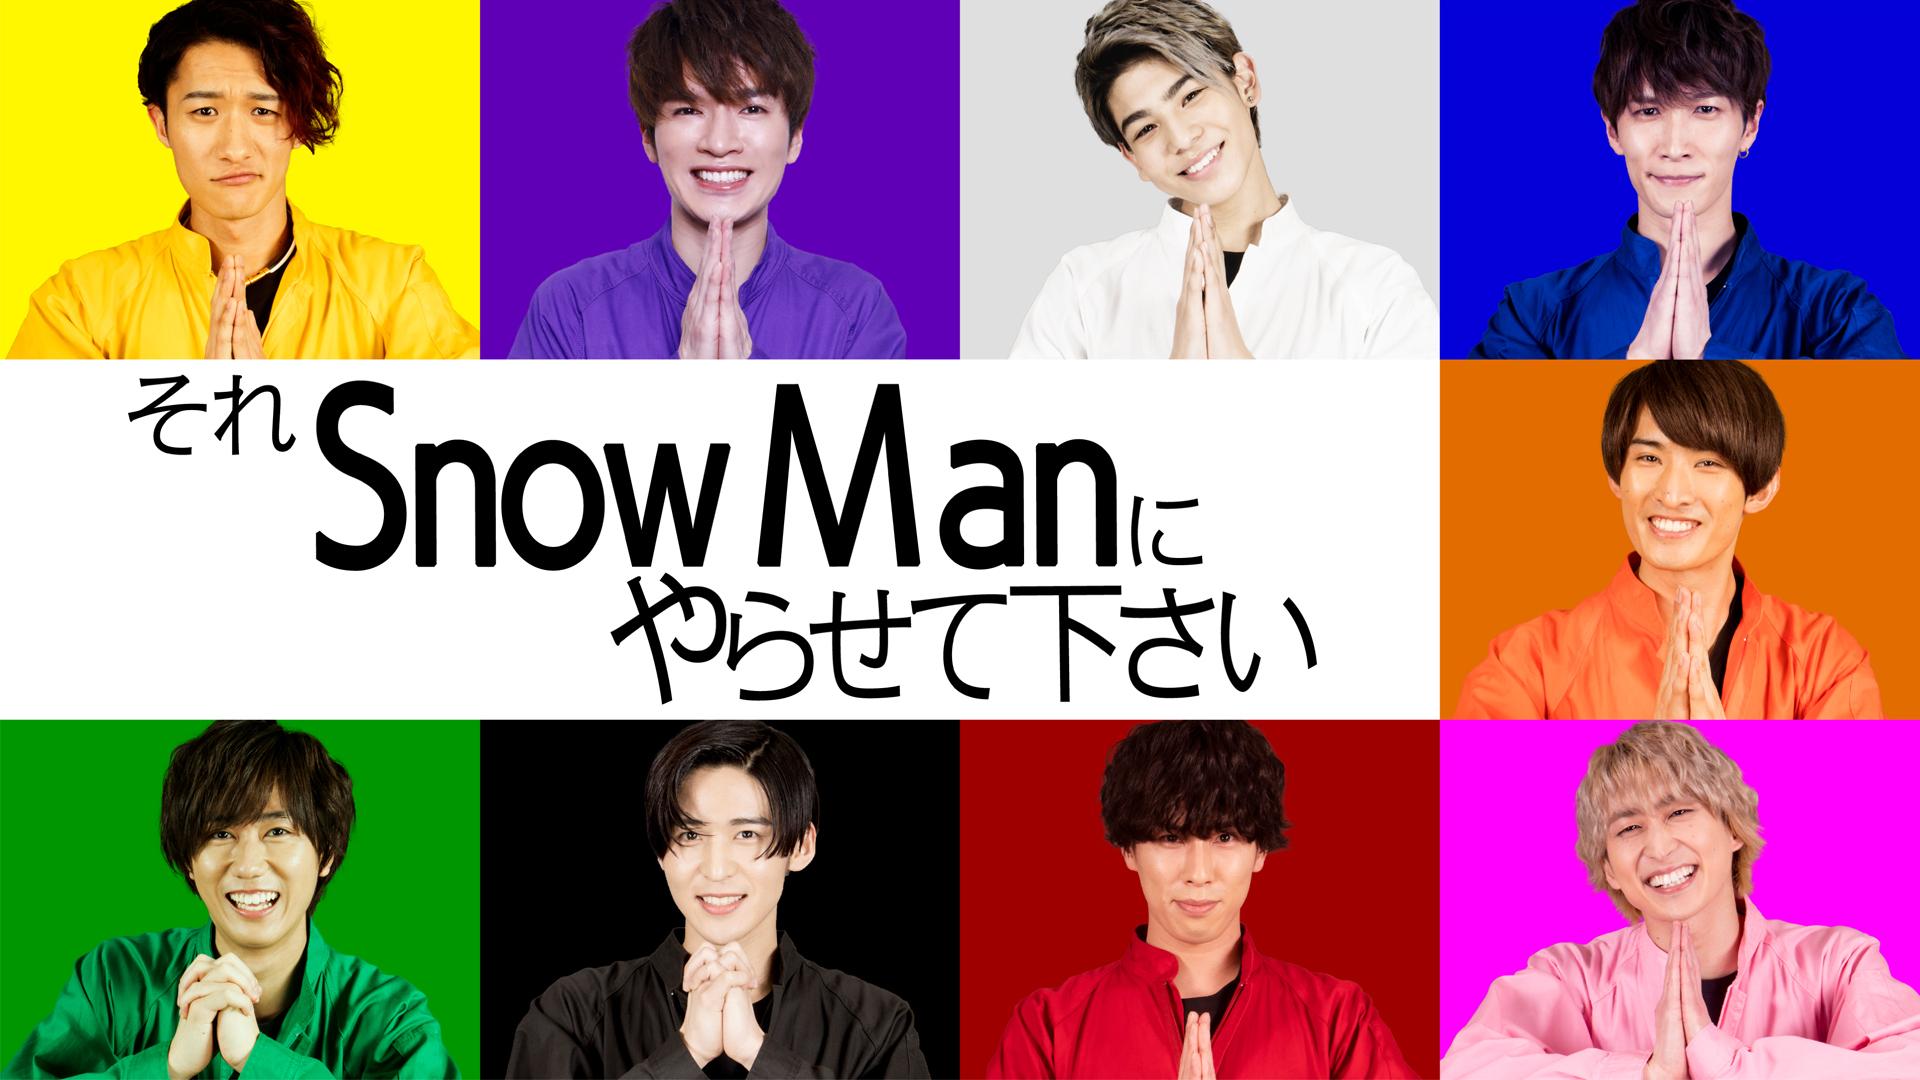 リアルタイム snowman ツイッター